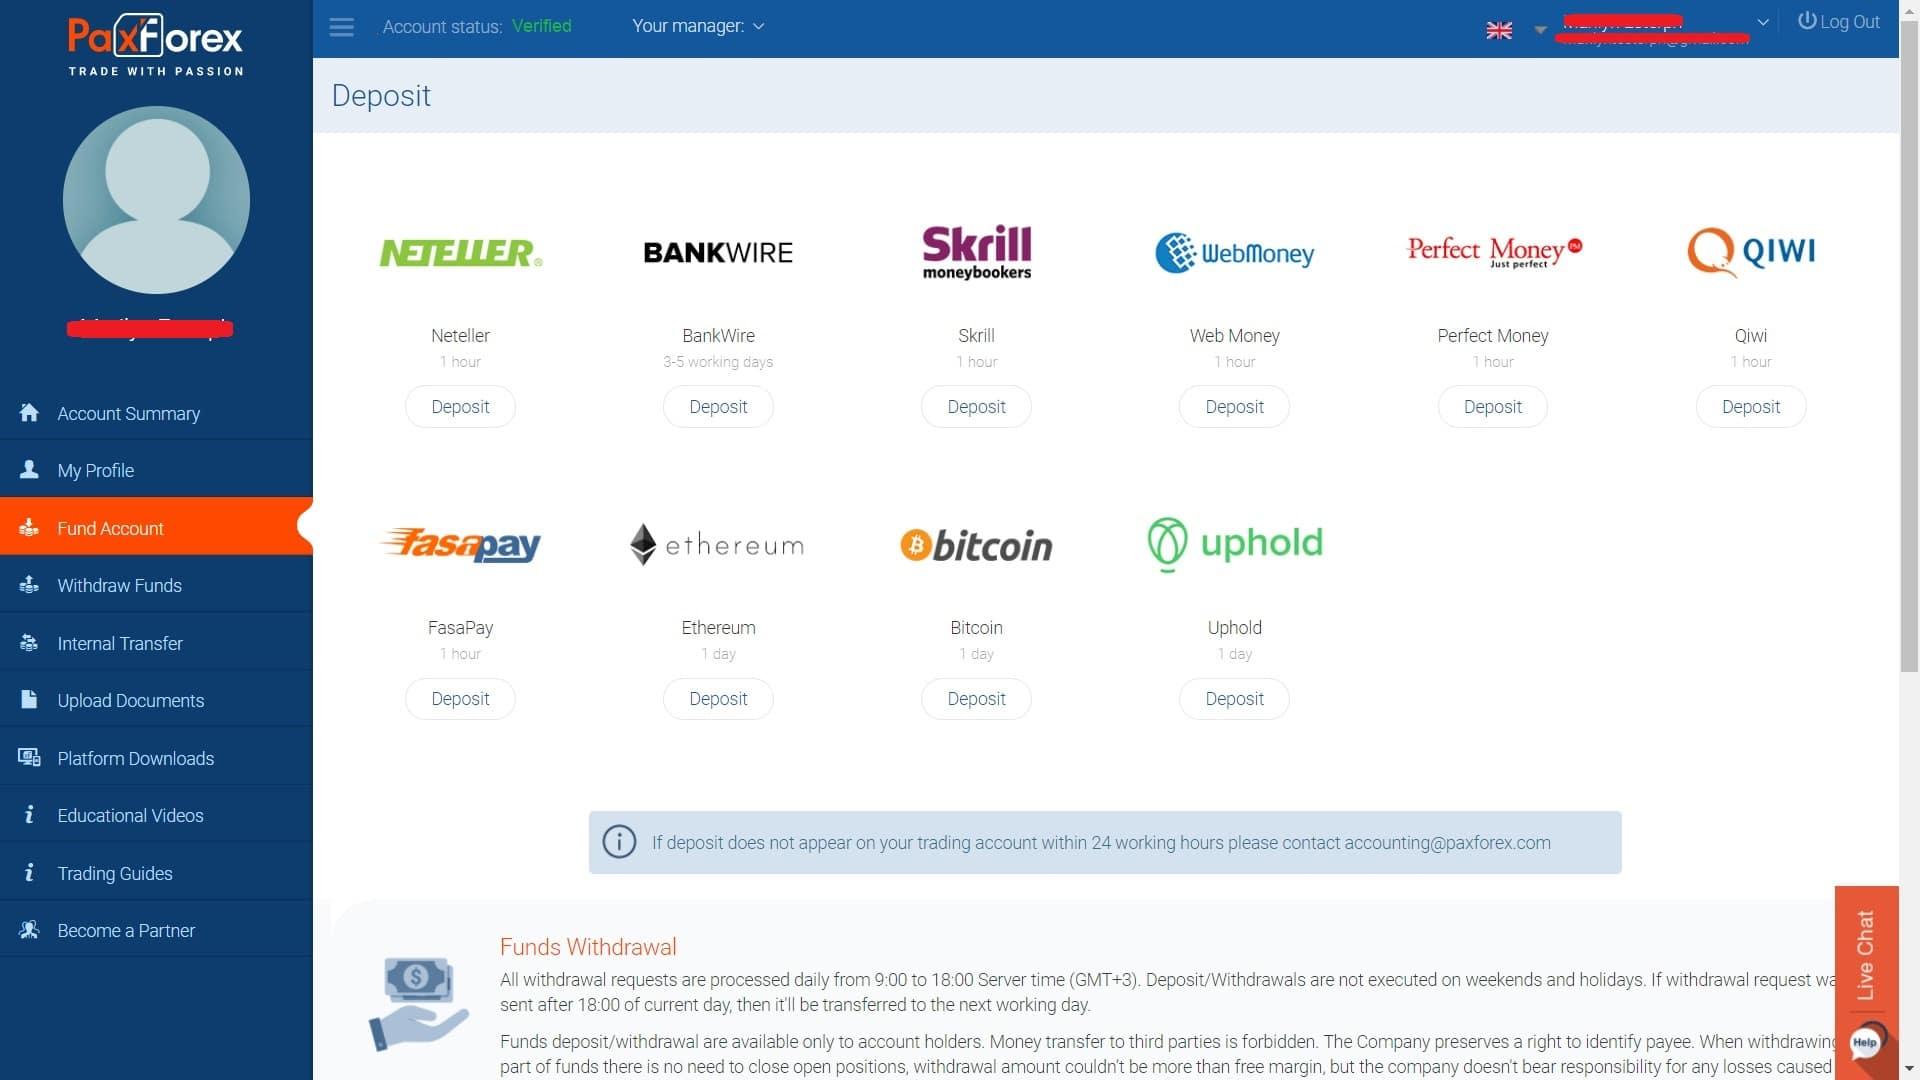 PaxForex deposit page